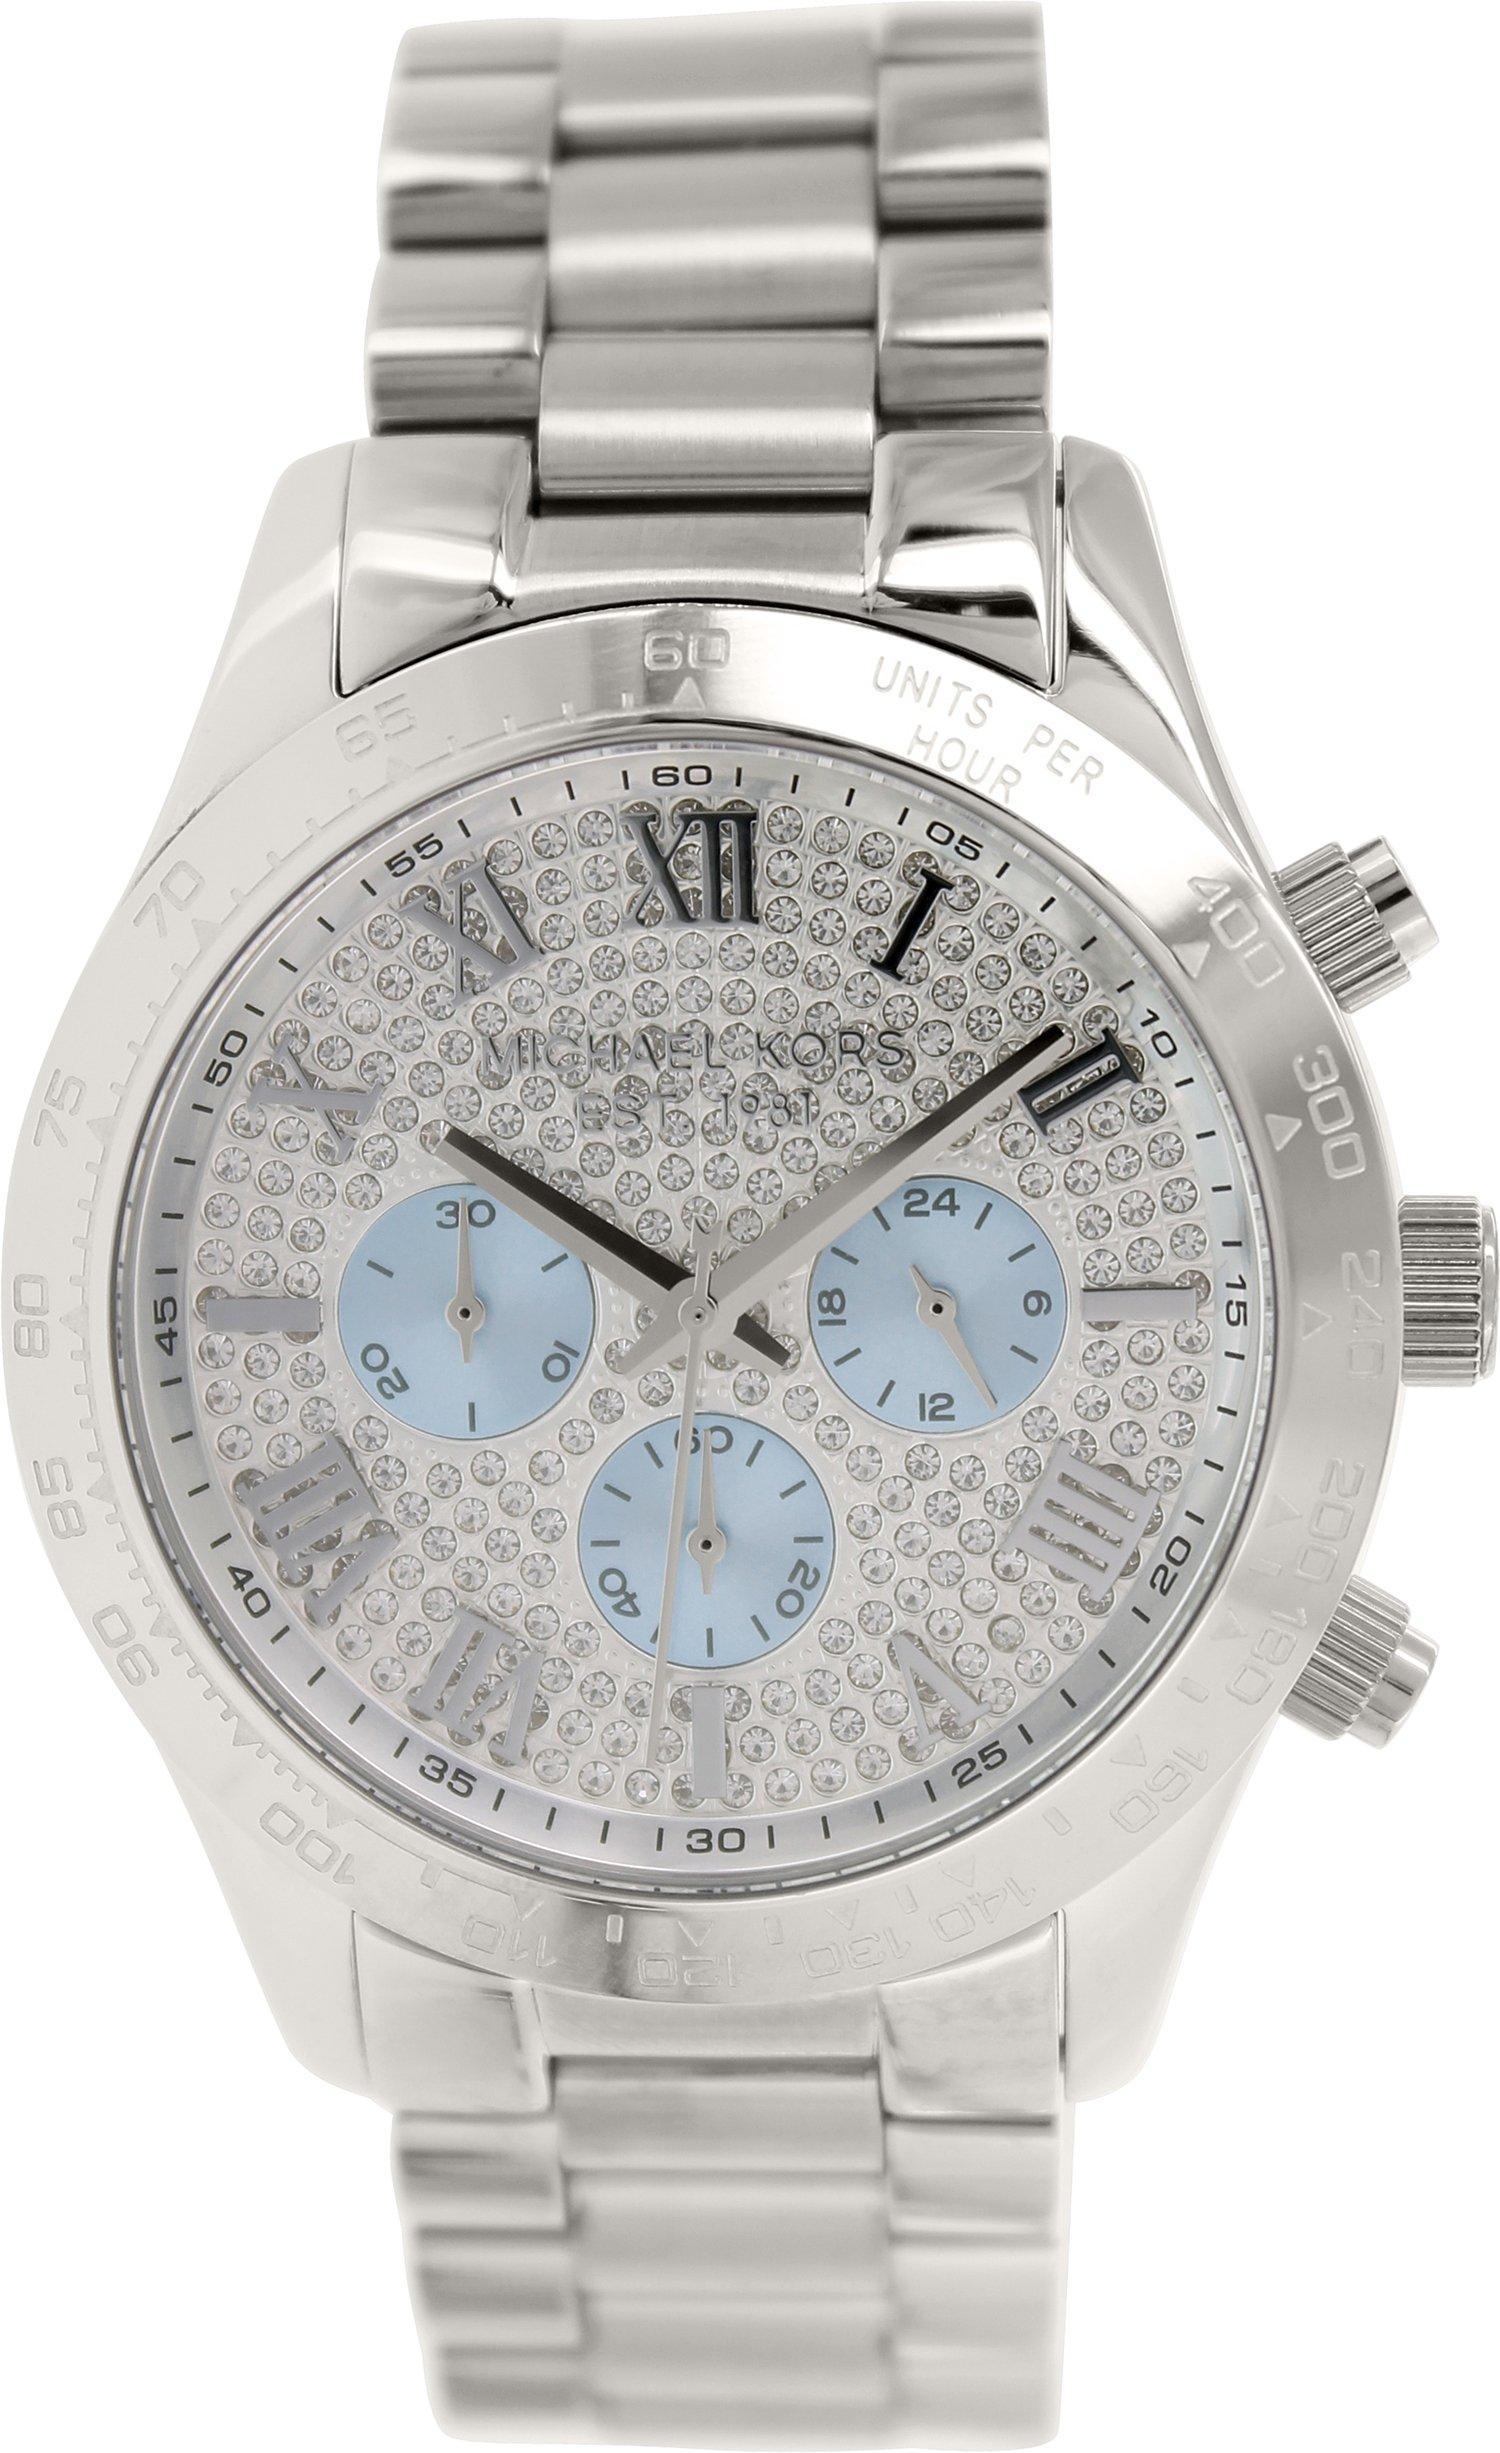 Michael Kors MK6076 Women's Layton Silver Tone Chronograph Watch by Michael Kors